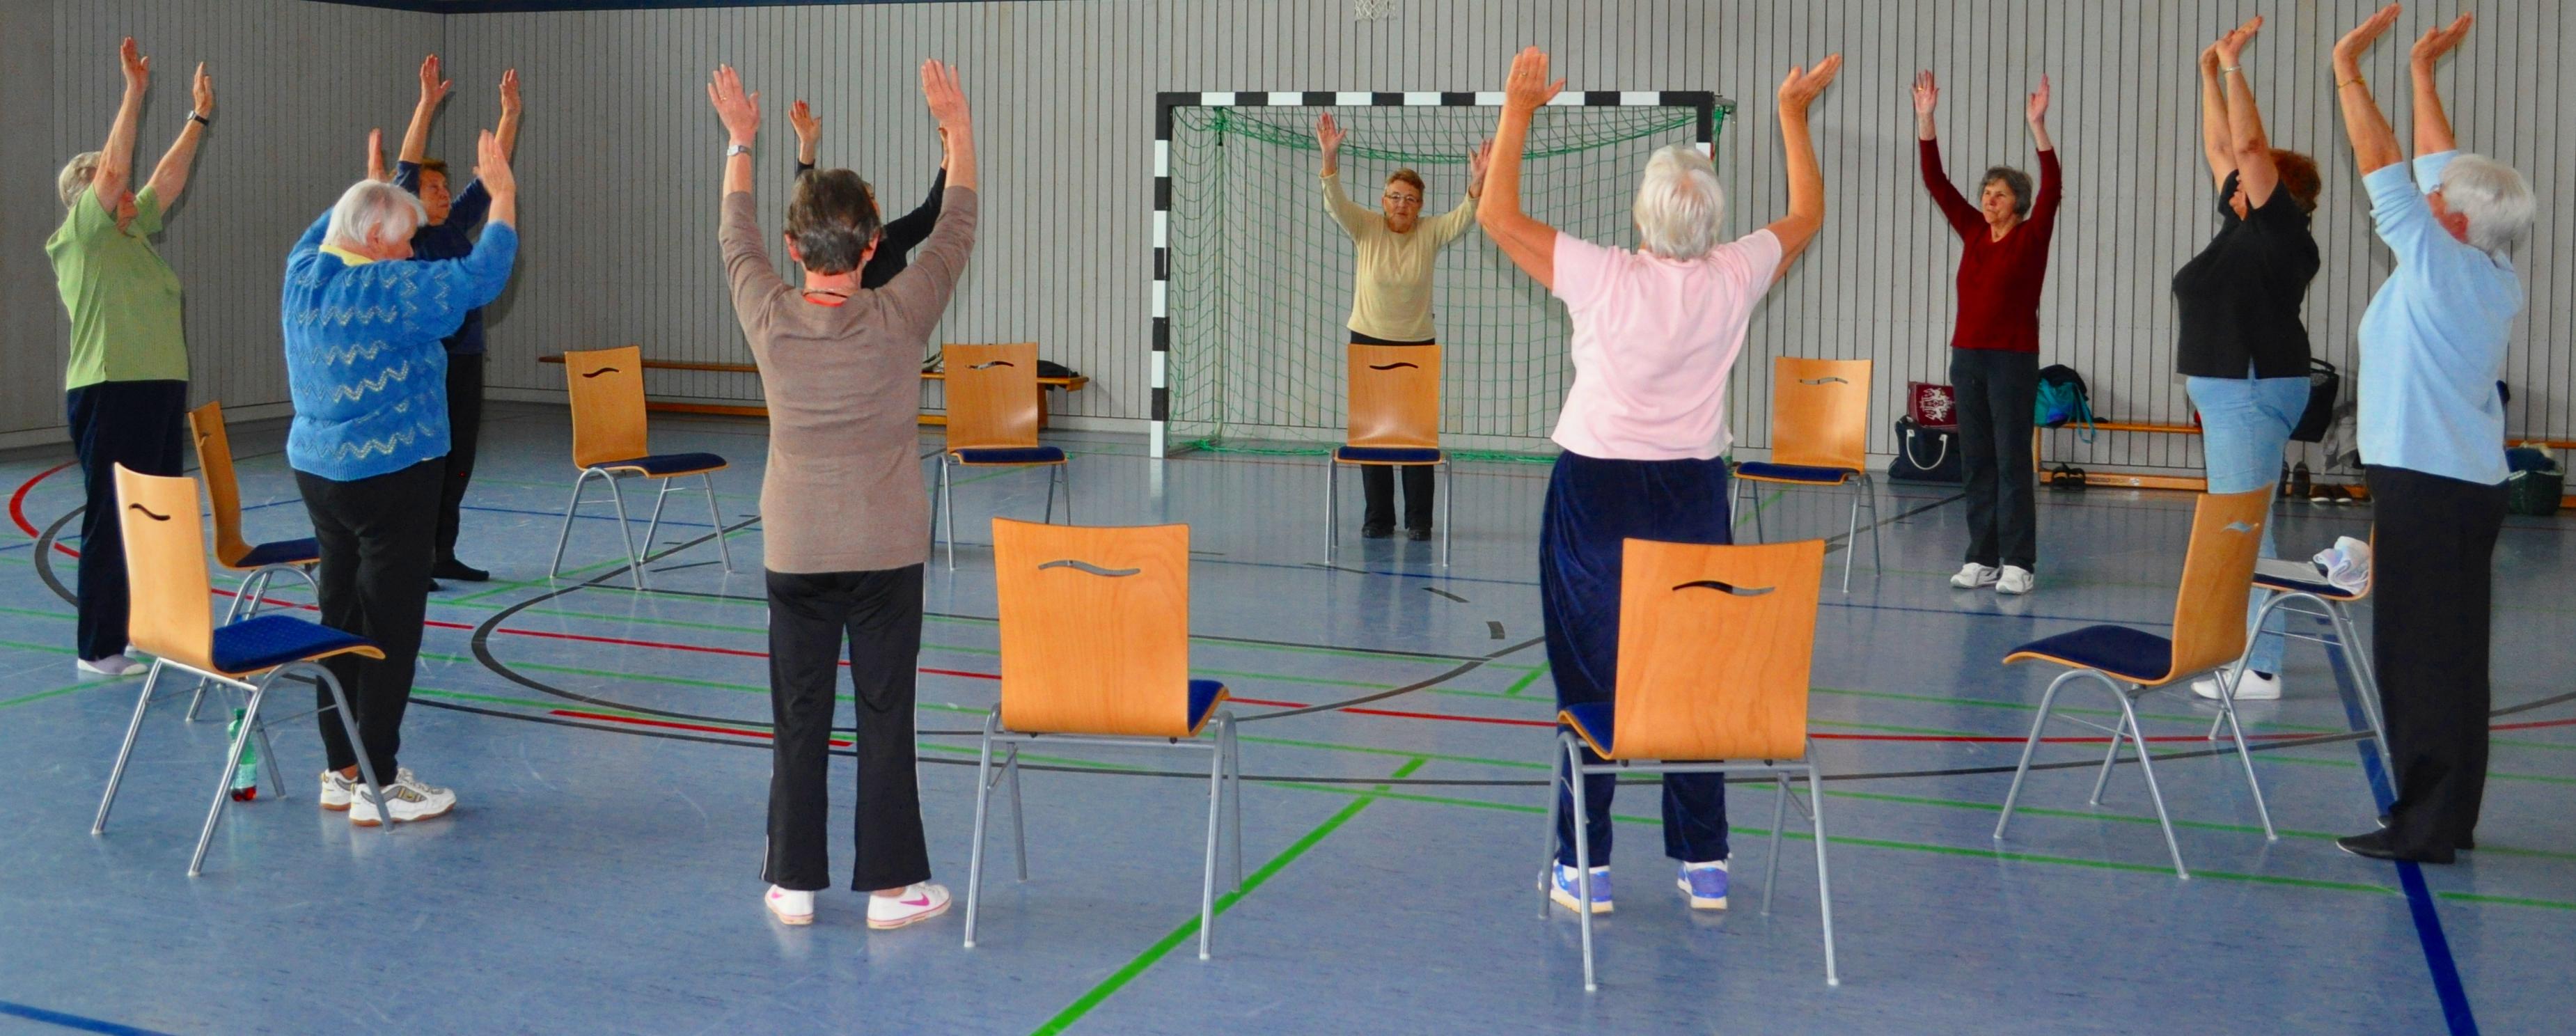 Seniorengymnastik am Mittwochnachmittag in der Sporthalle